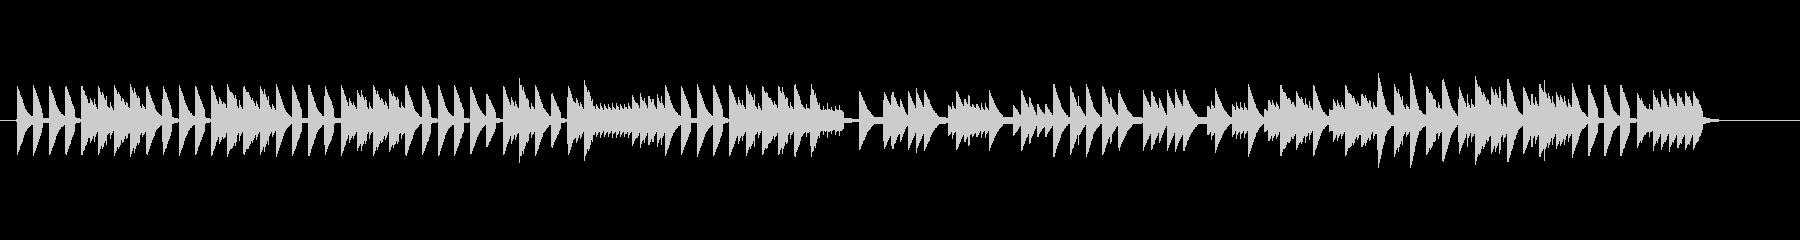 8bitクラシック テュイルリーの庭の未再生の波形